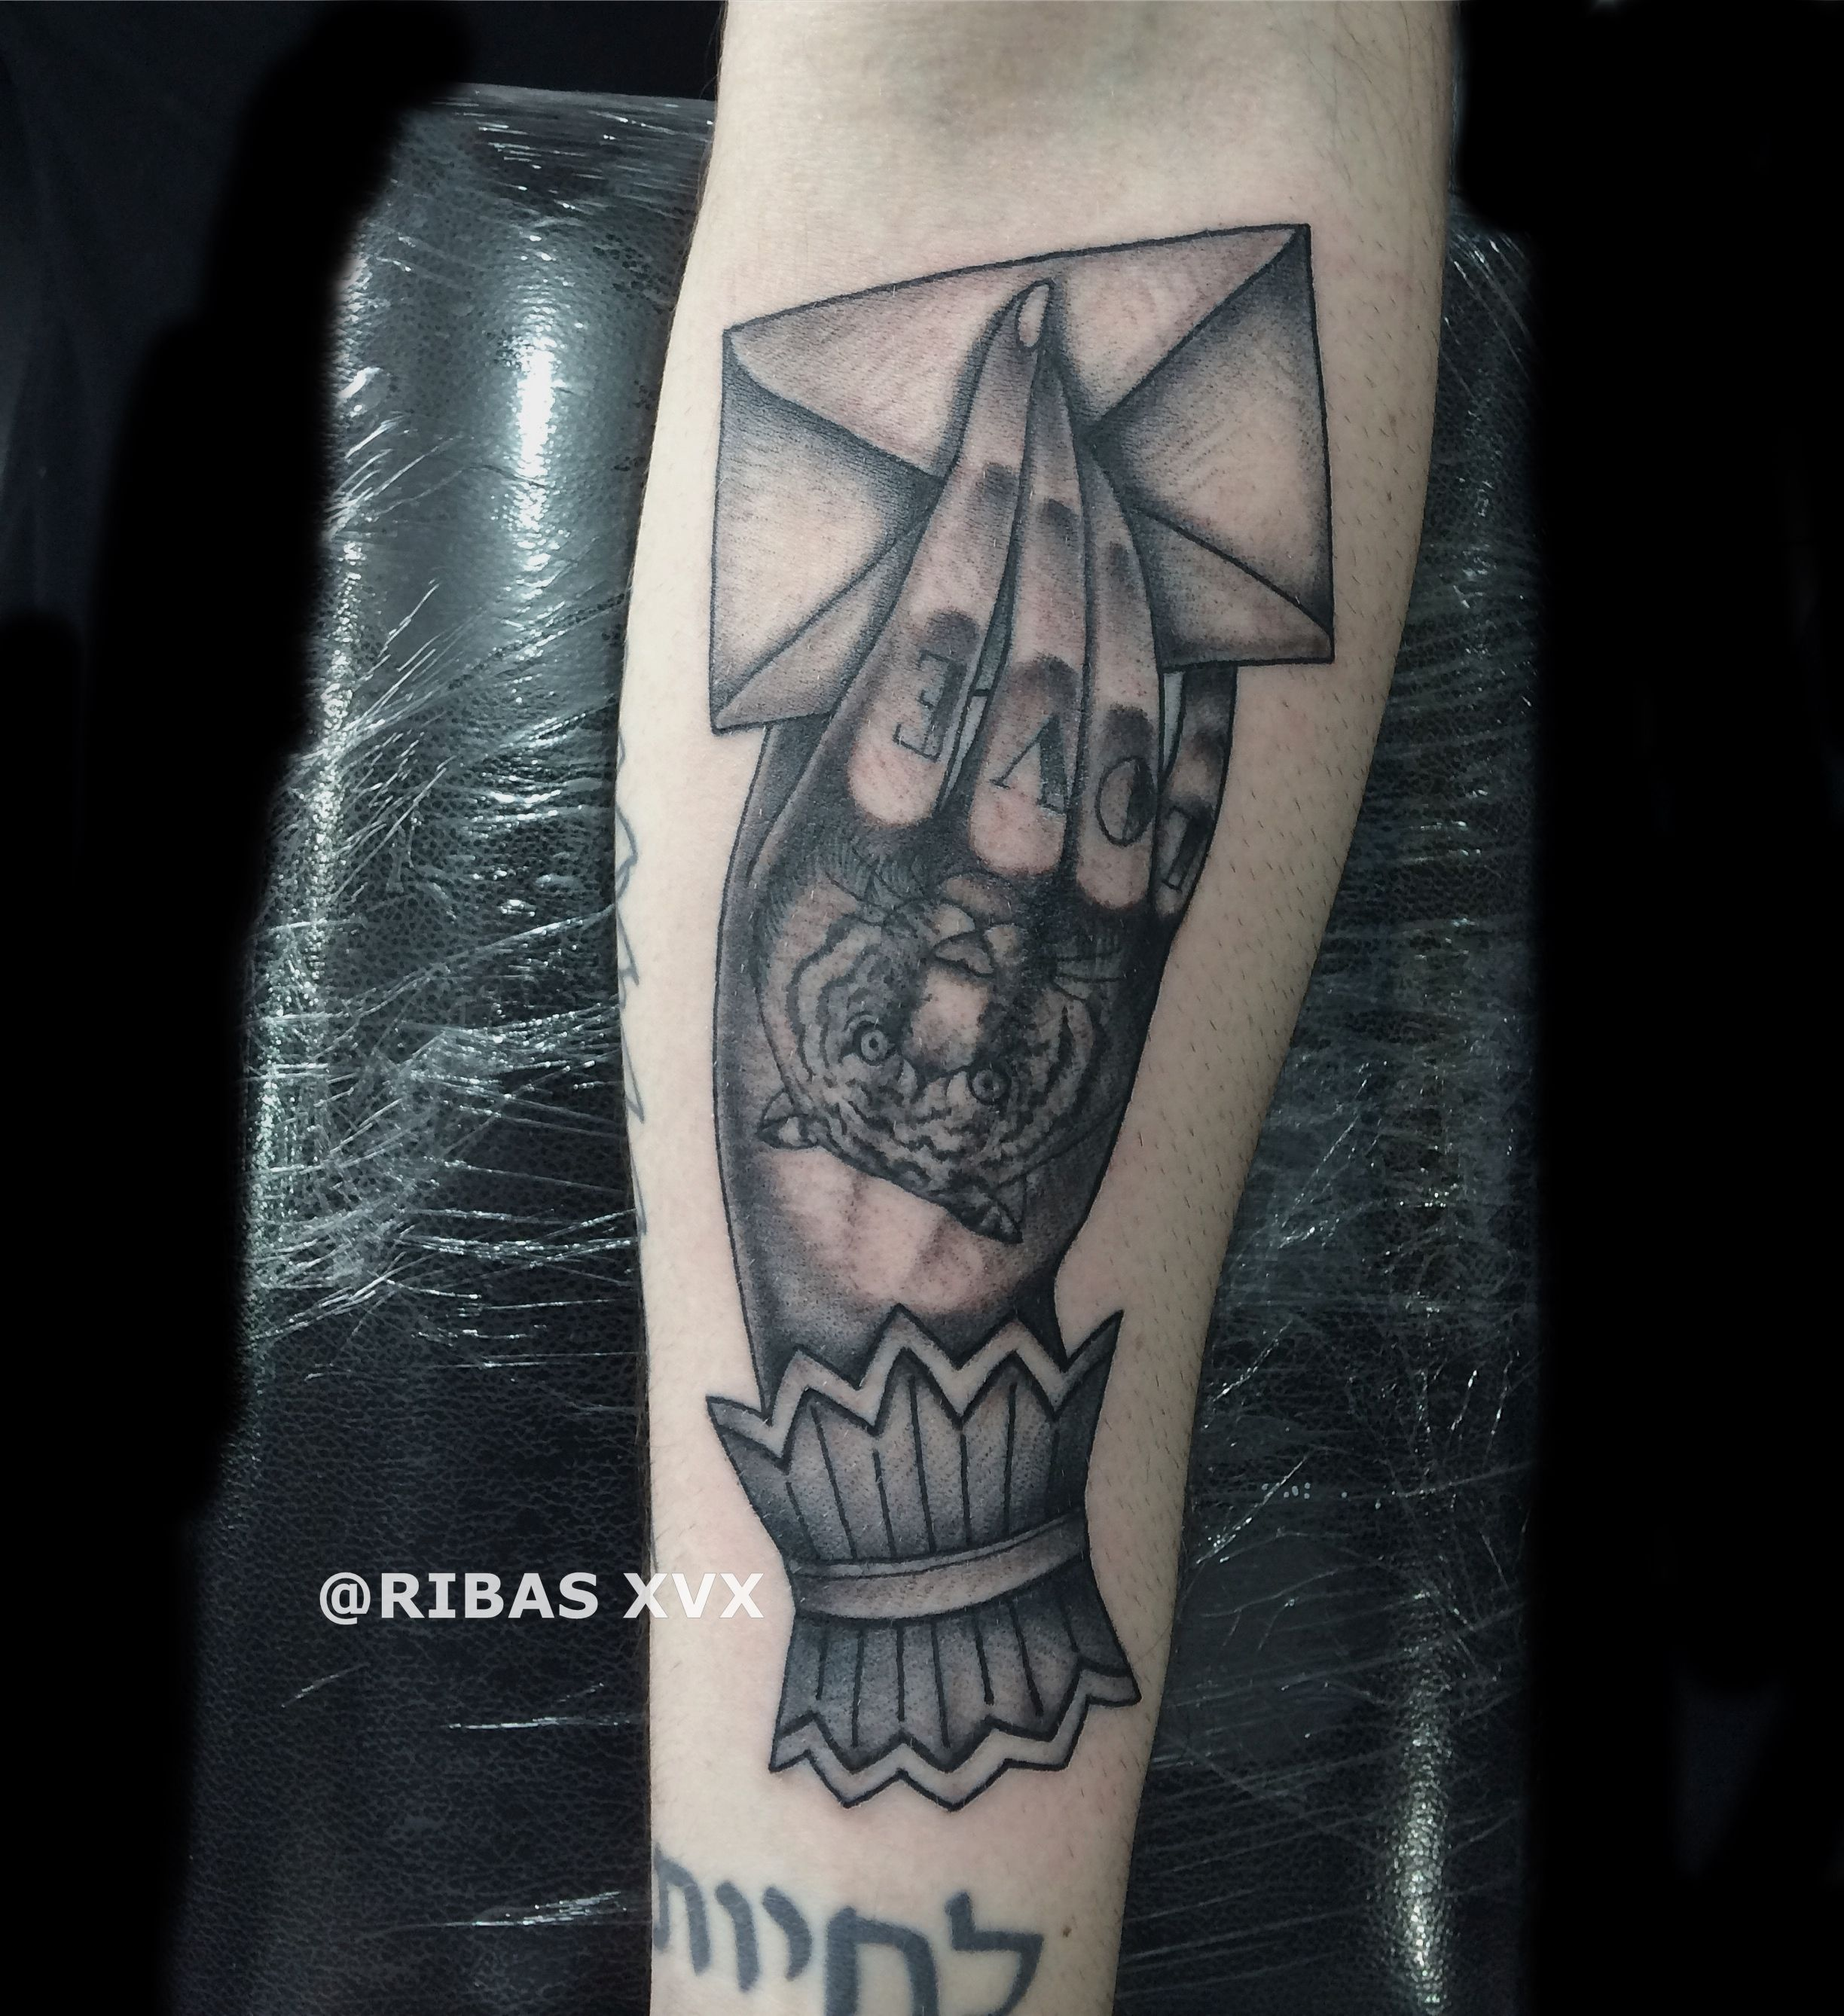 2b774ef62 Tatuagem mão segurando carta - hand holding letter tattoo tiger traditional  love black and grey - Ribas xVx